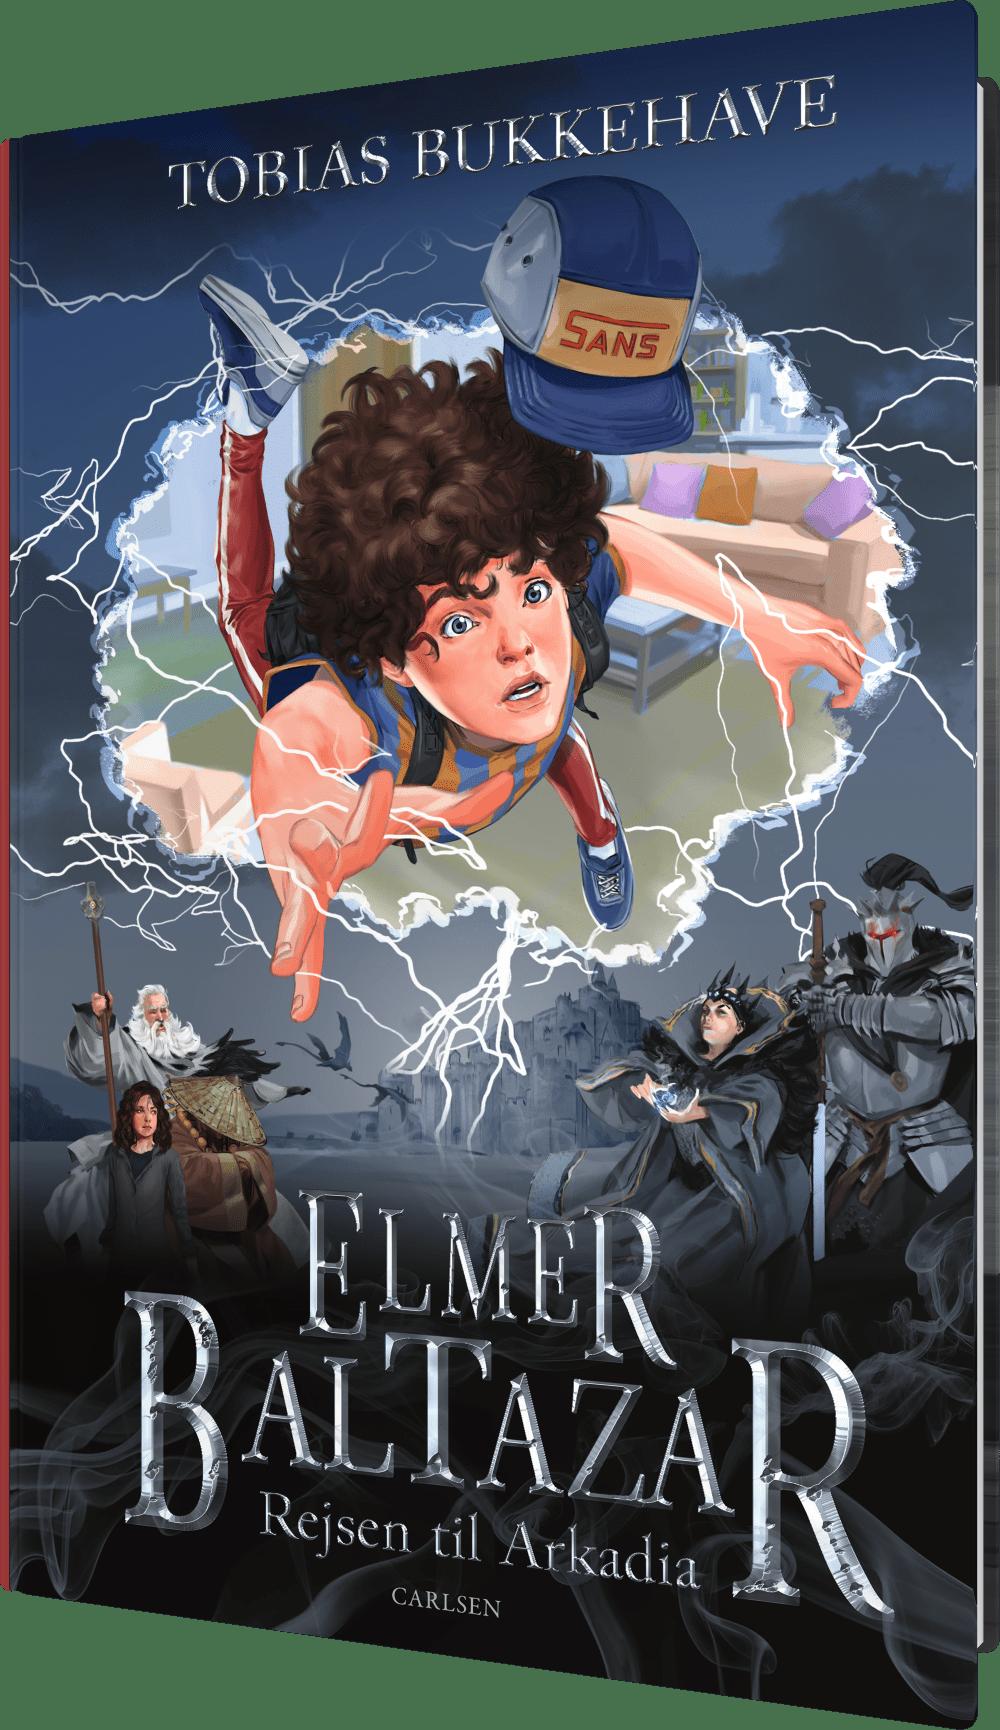 Elmer baltazar, rejsen til Arkadia, fantasy, fantasyromaner, fantasybøger